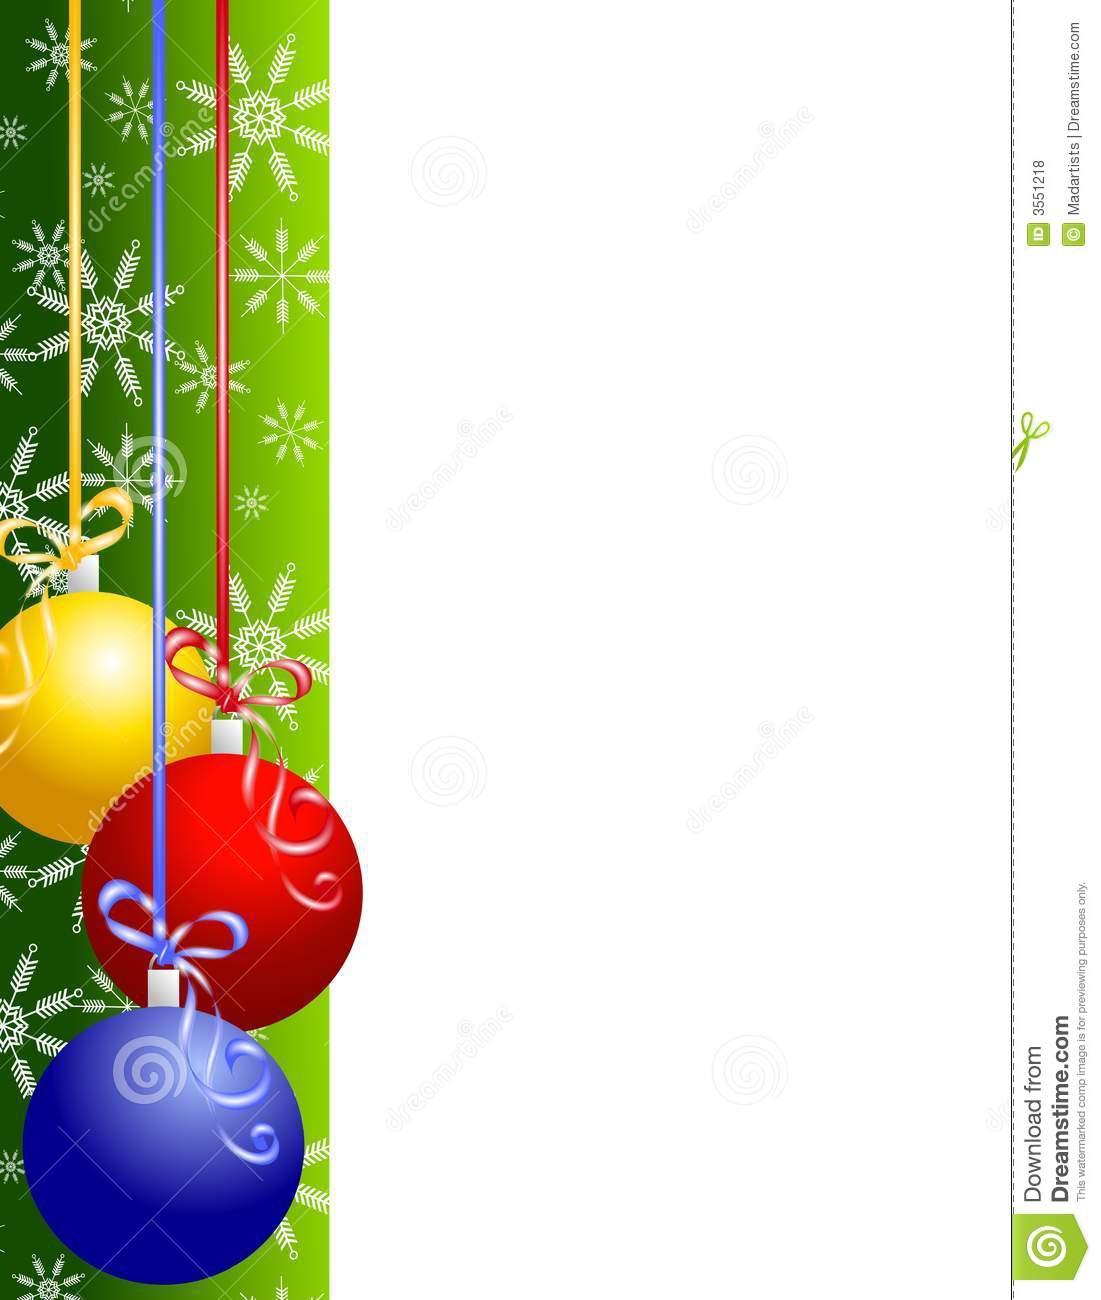 Christmas Corner Border Clipart#2070265.